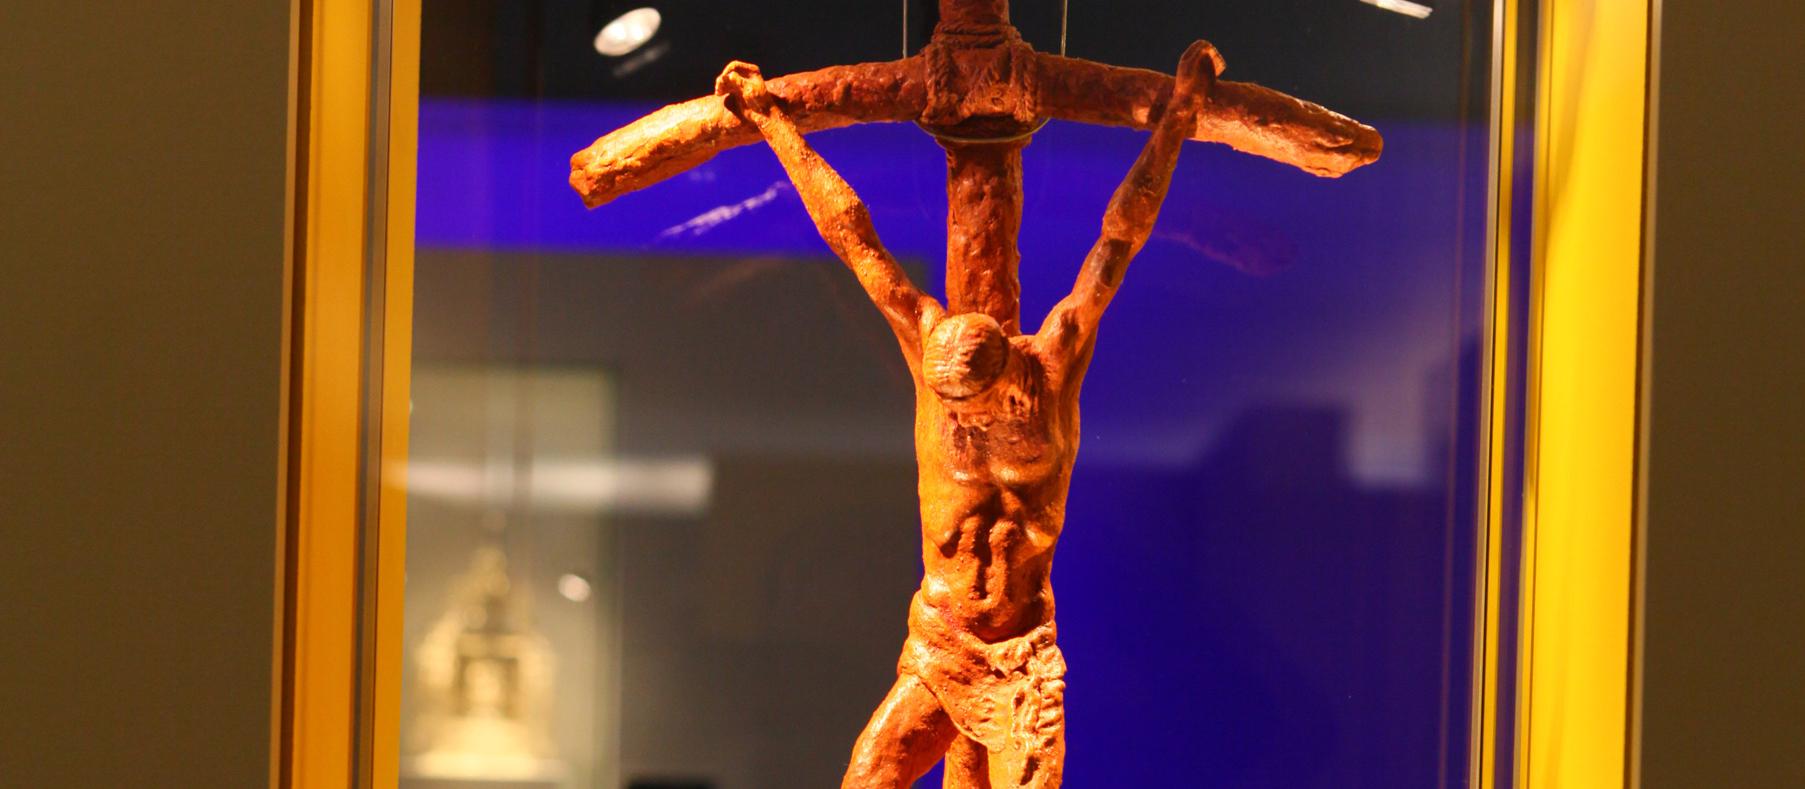 Cristo_Neste Vale de Lagrimas_recorte.jpg